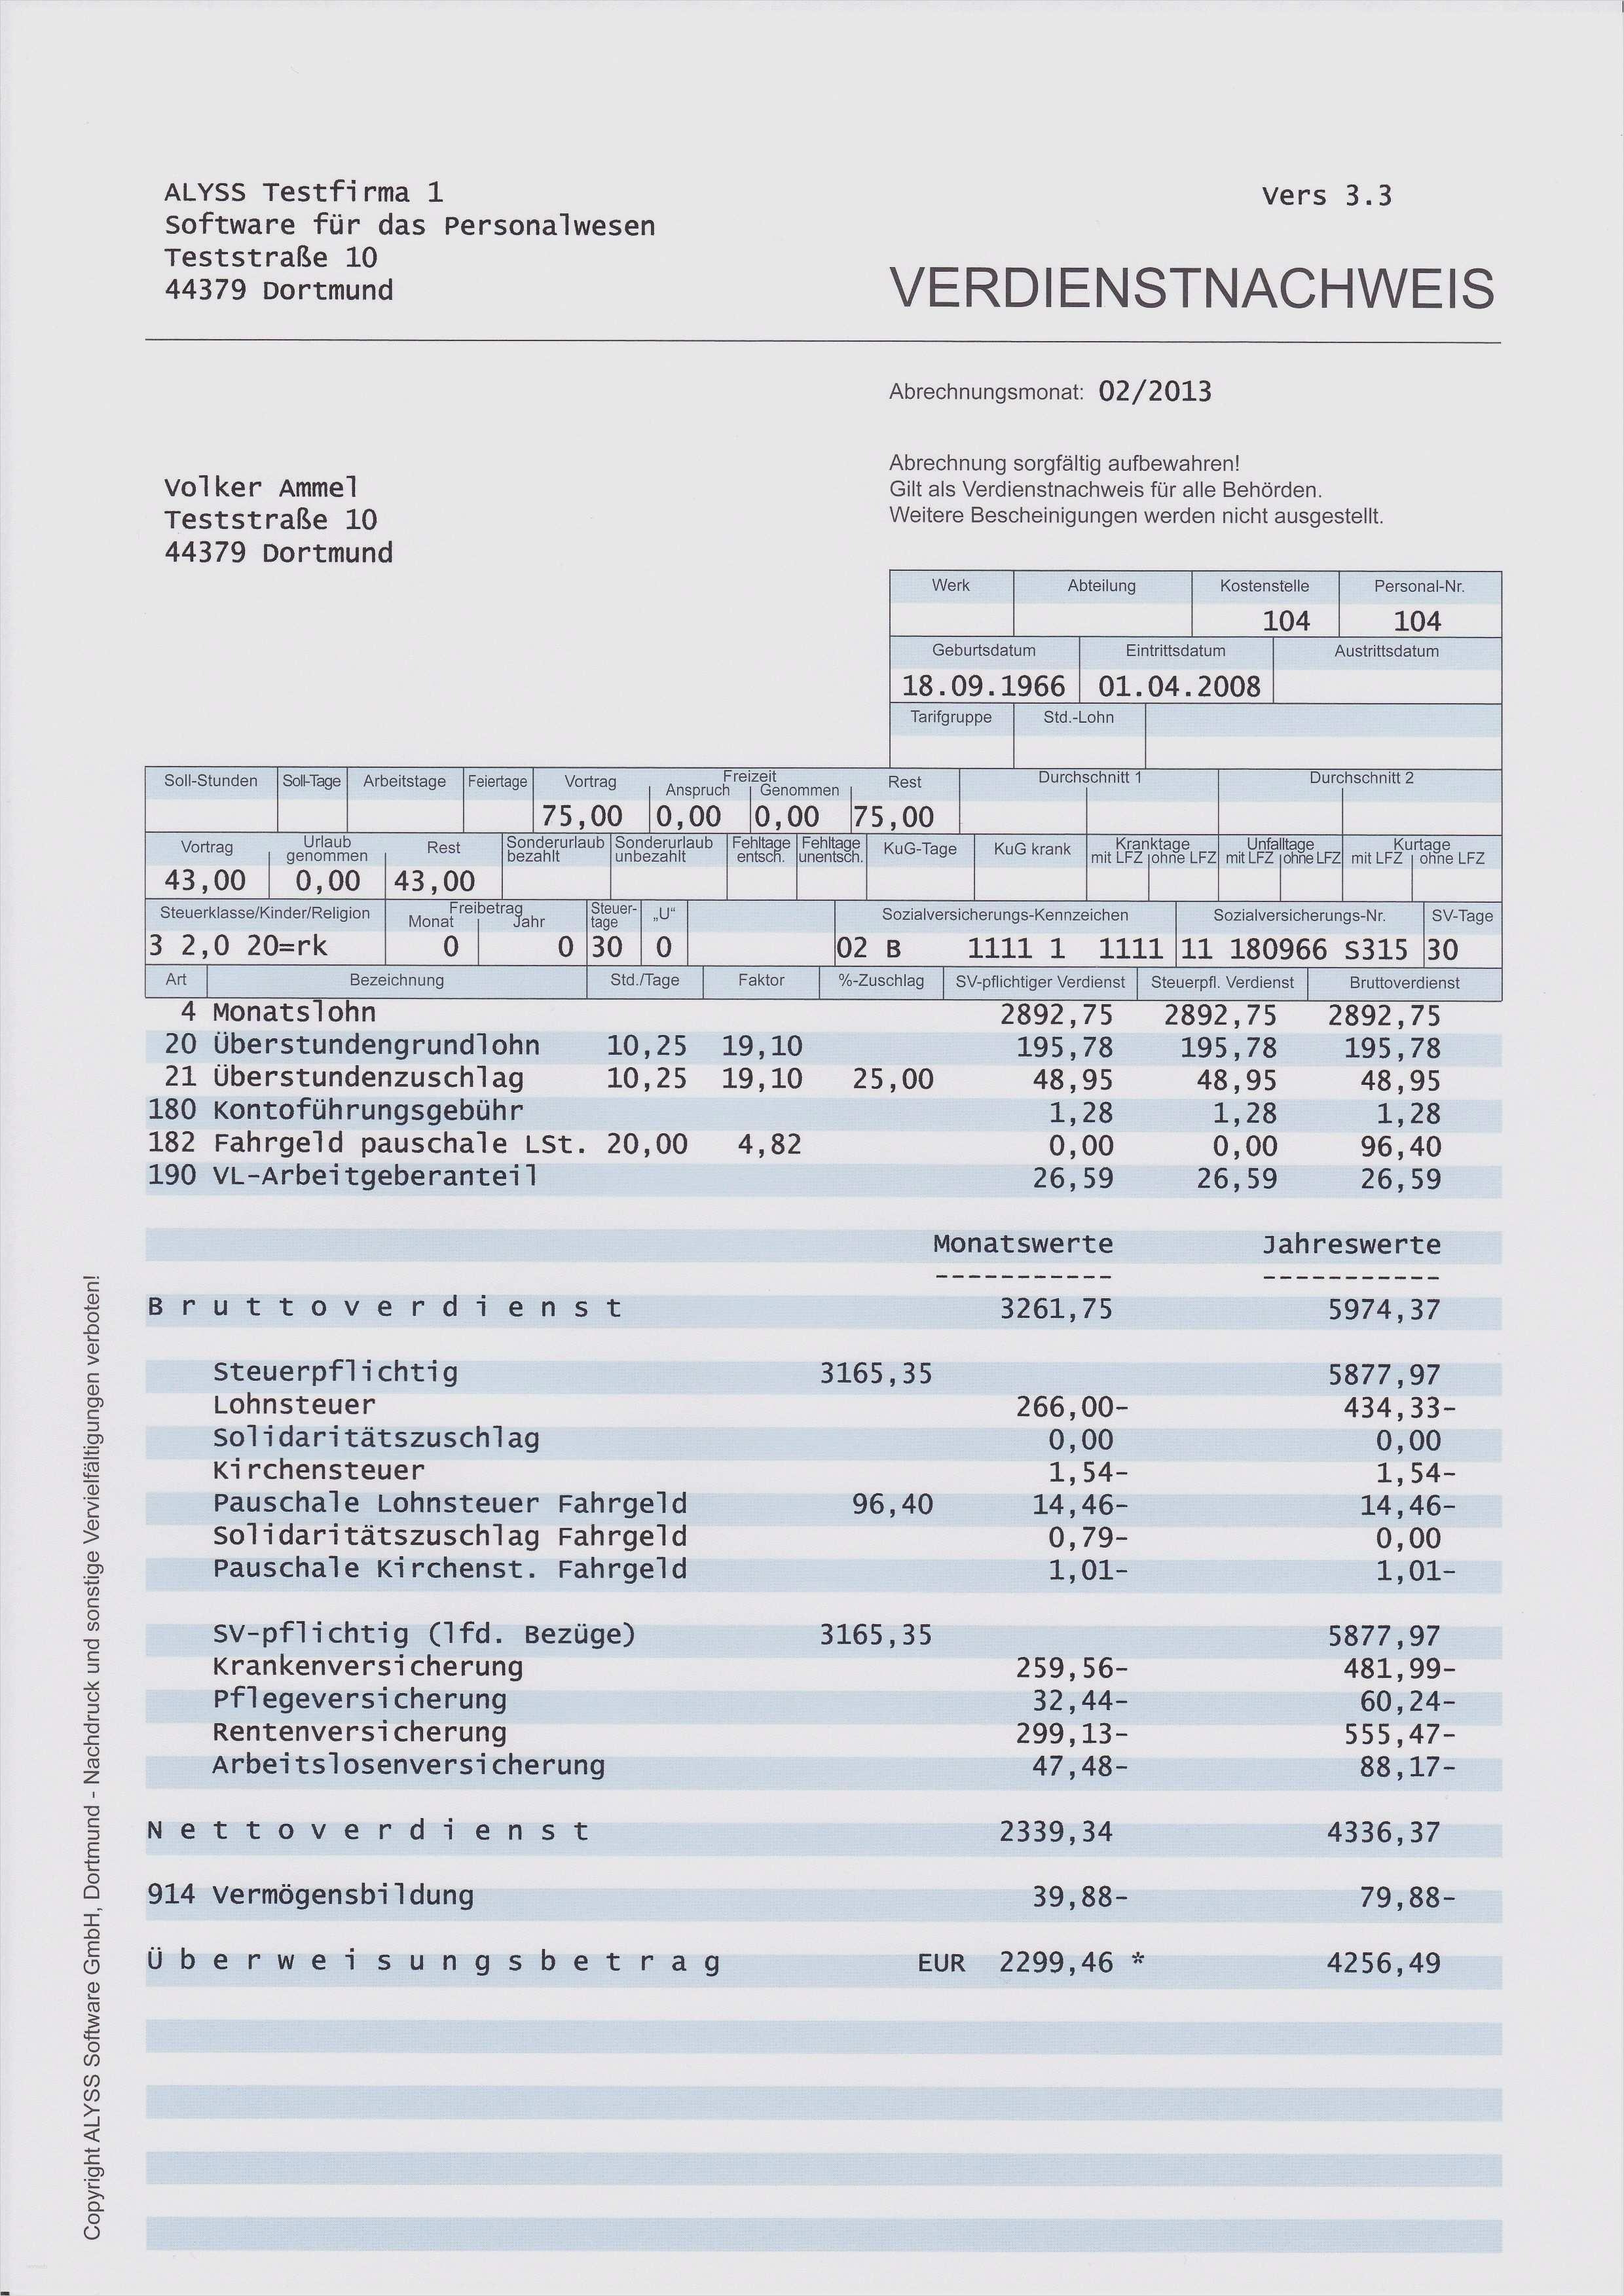 40 Elegant Gehaltsabrechnung Vorlage Excel 2018 Vorrate Excel Vorlage Vorlagen Gehaltsabrechnung